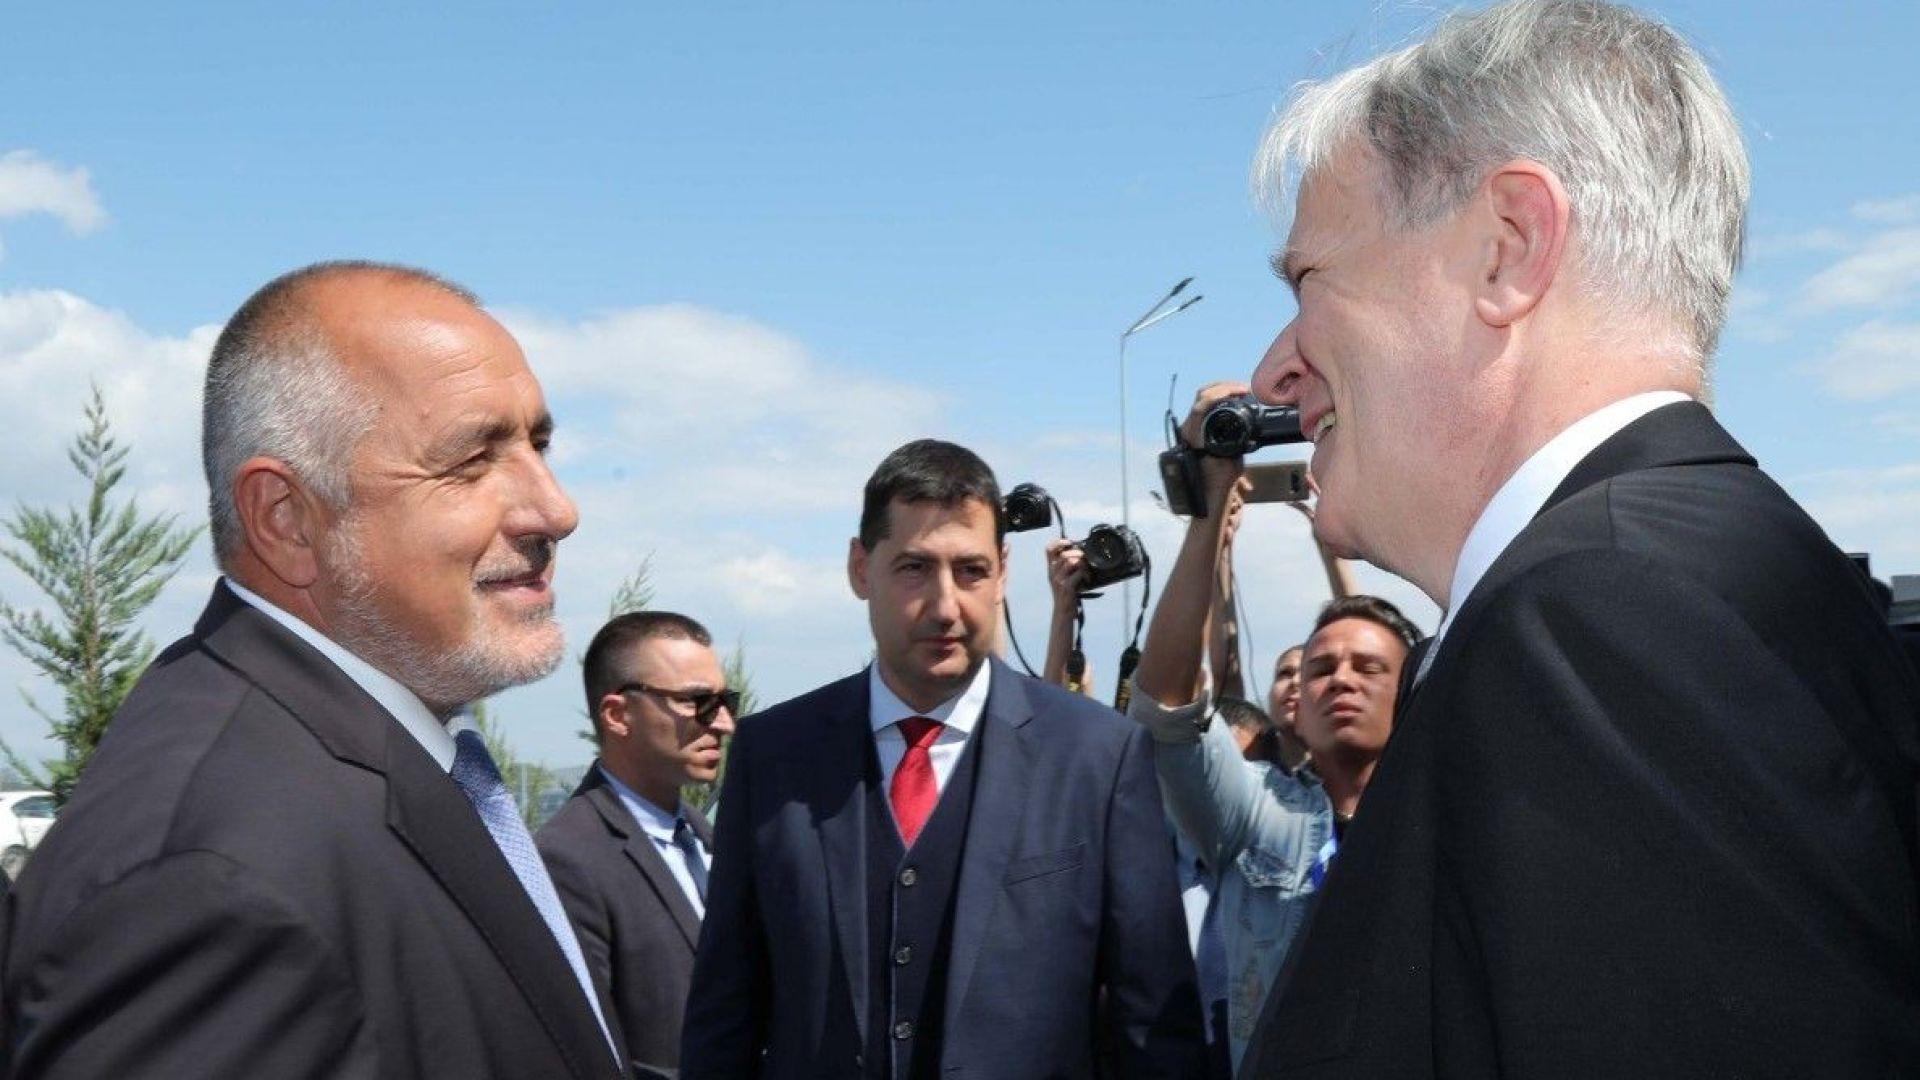 Борисов към опозицията: Не злословете срещу България, ще ви се върне като бумеранг